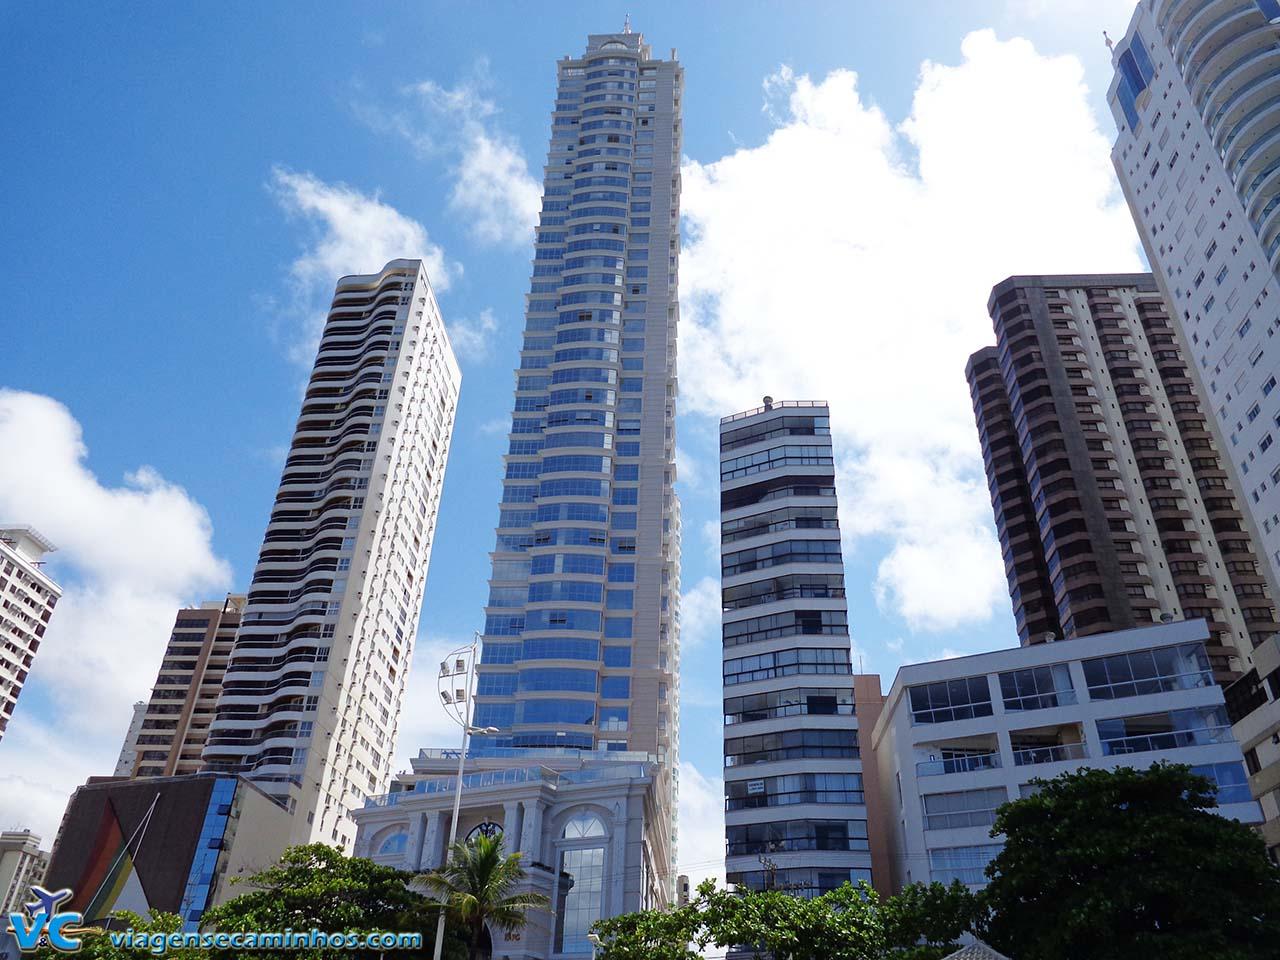 Millennium Palace, o prédio mais alto do Brasil atualmente